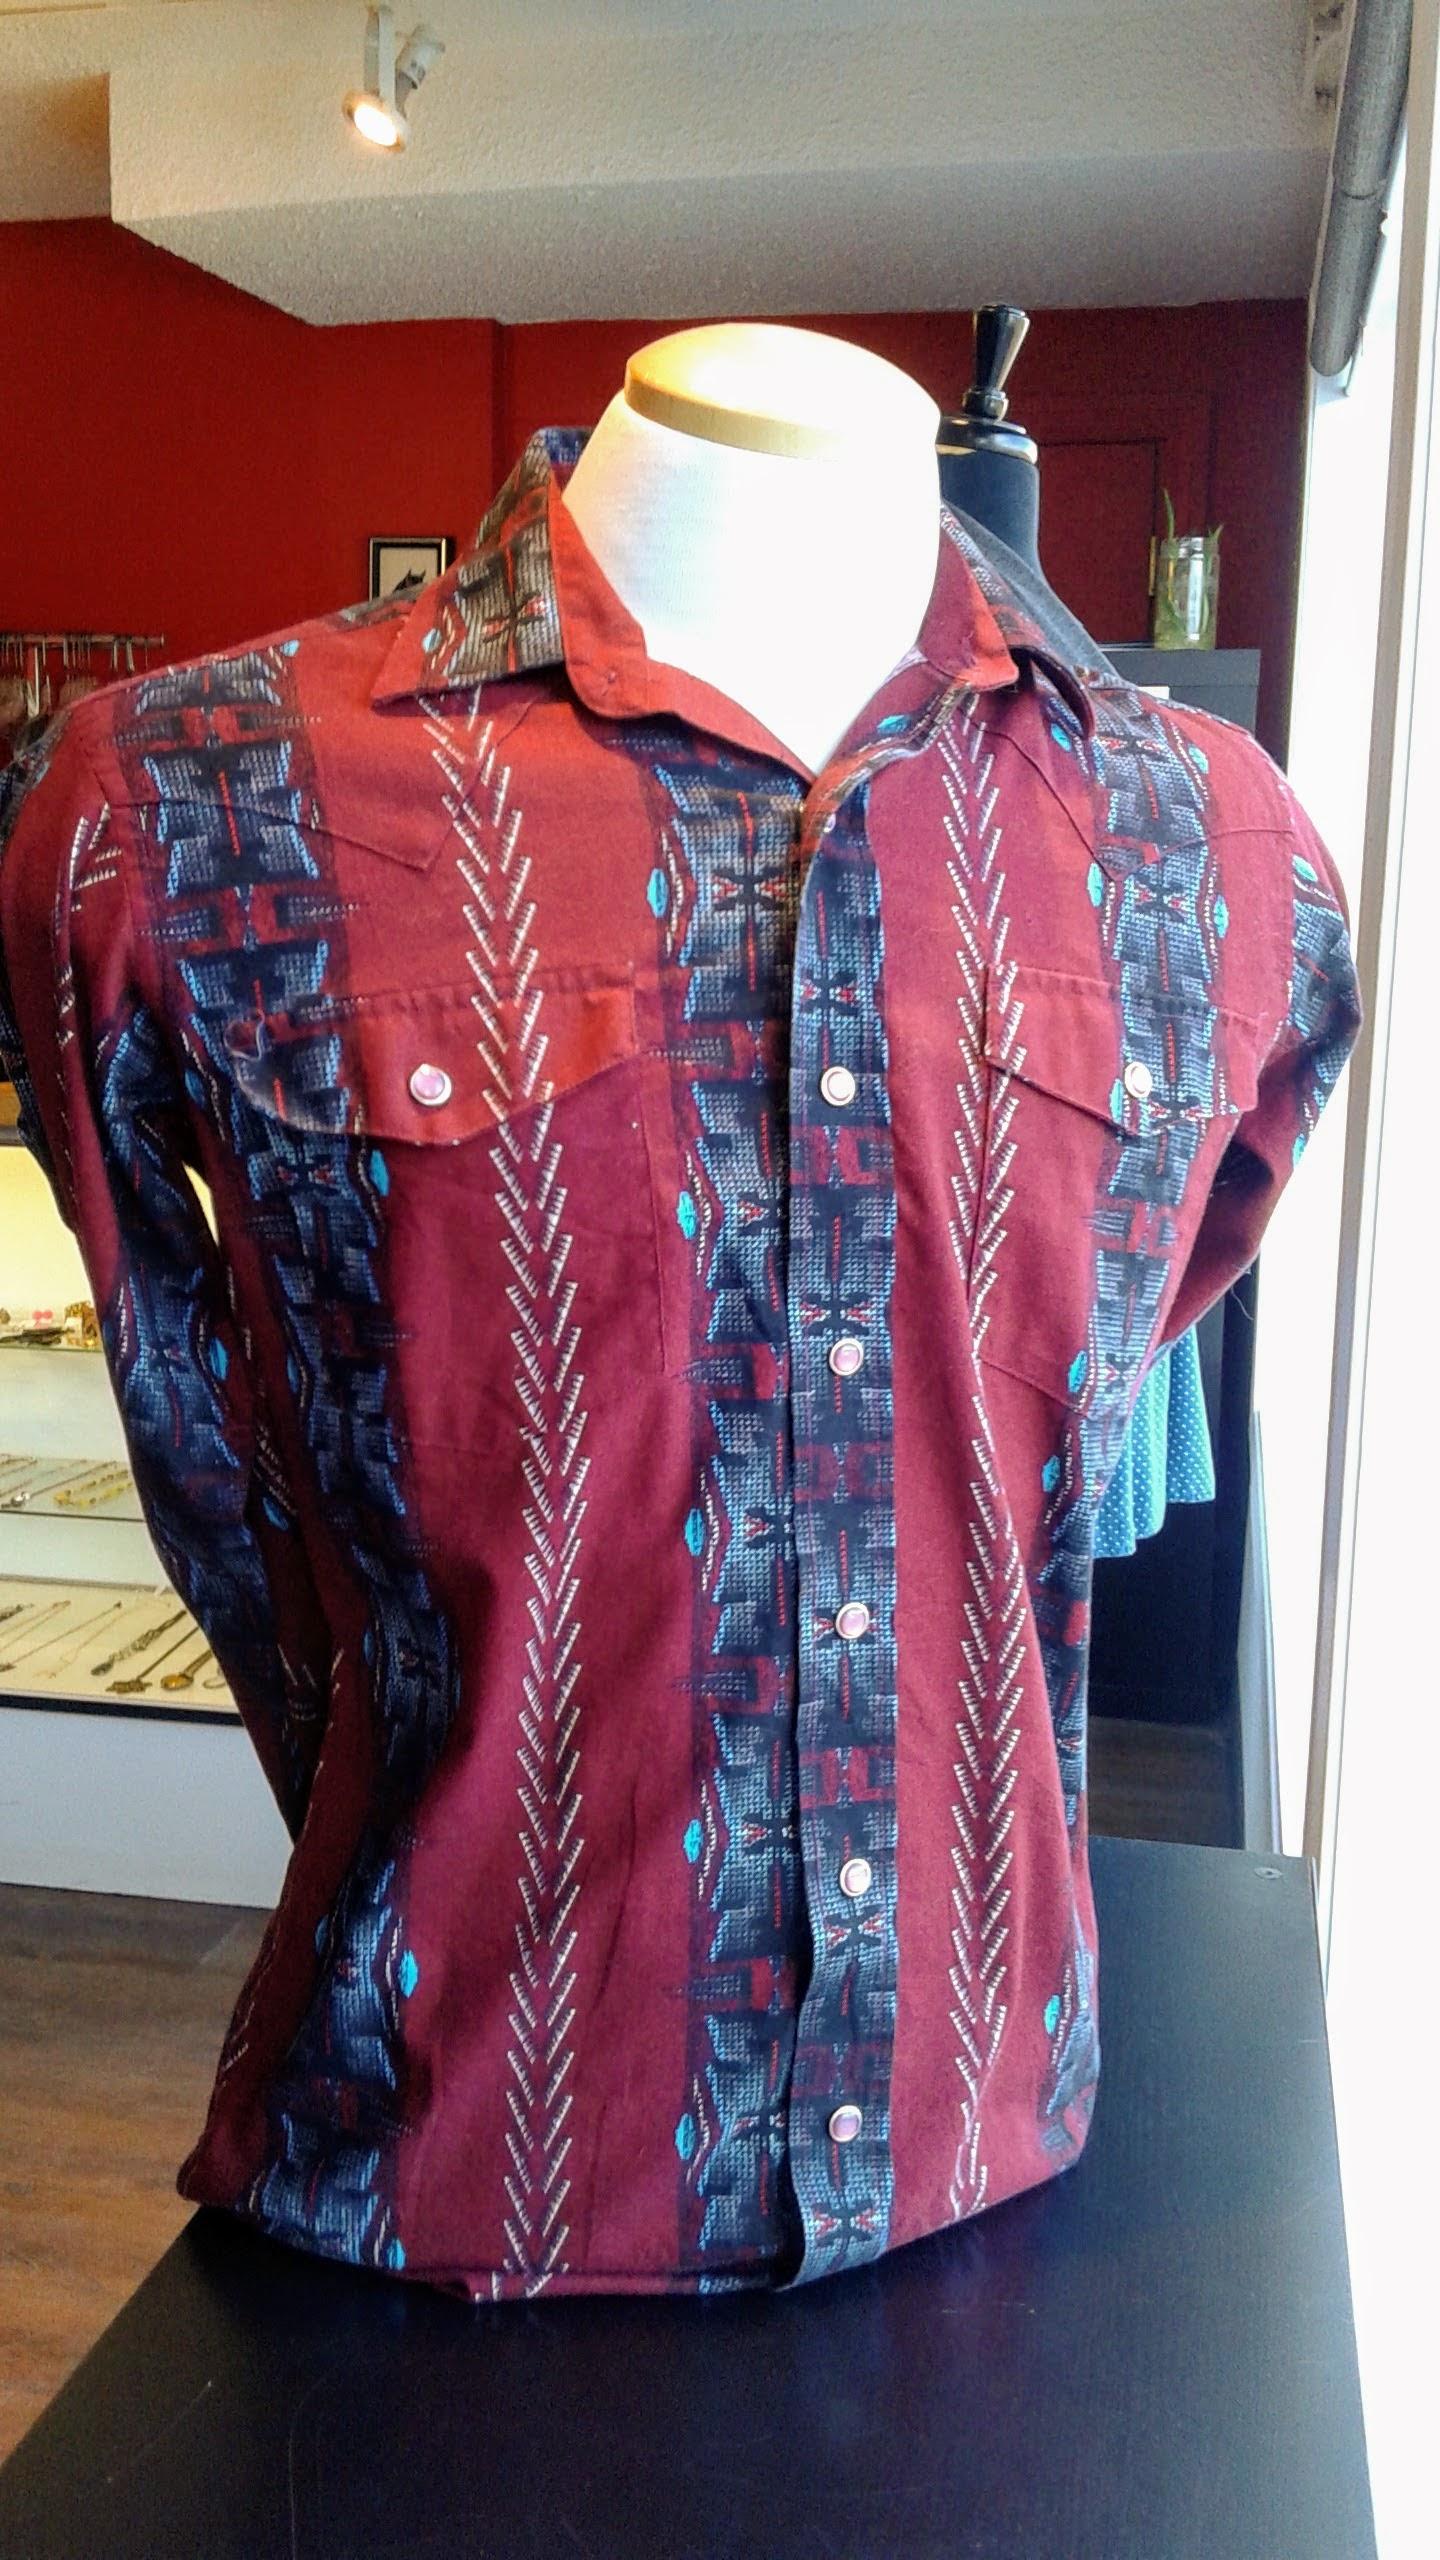 Panhandle shirt; Size M, $22